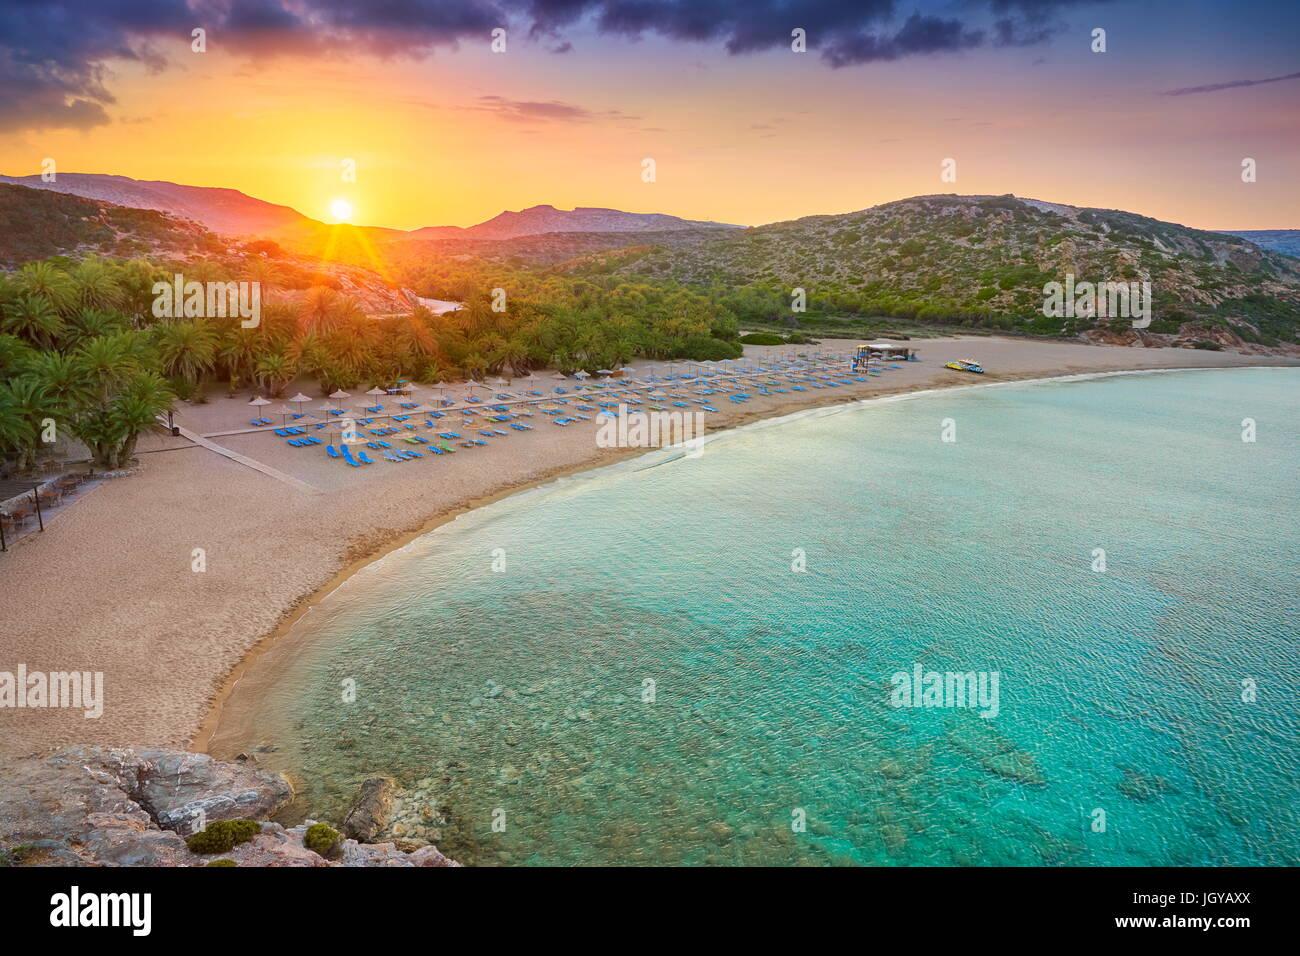 Sonnenuntergang am Strand von Vai, Insel Kreta, Griechenland Stockbild